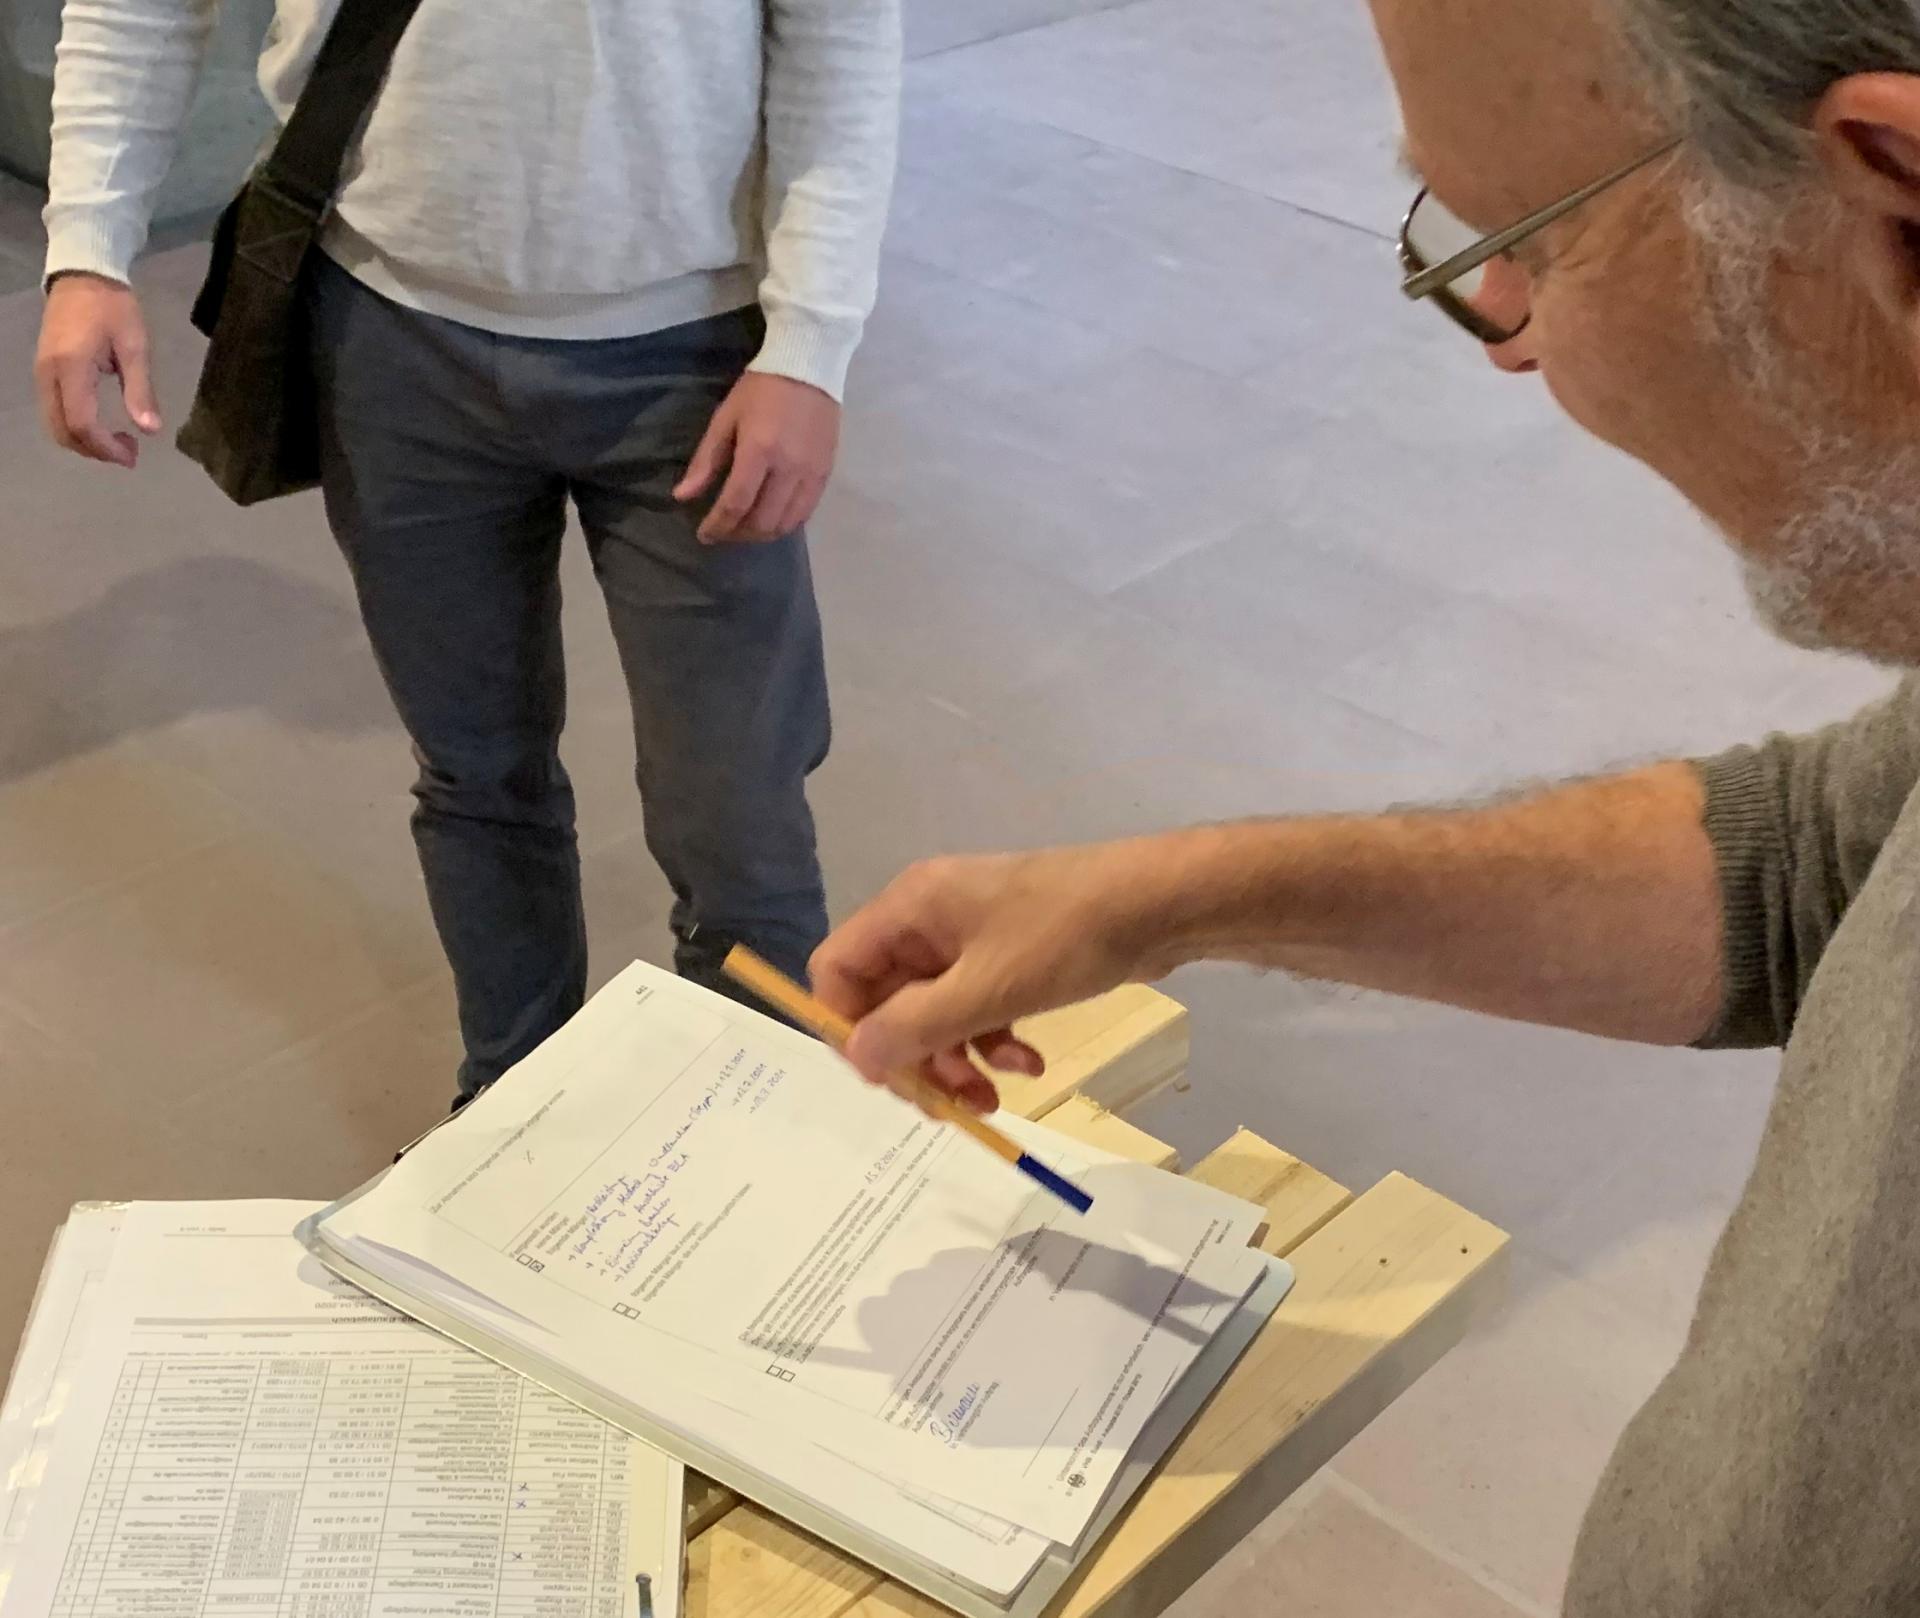 Christian Steigertahl unterschreibt in Anwesenheit von M.Täubert, unseren Ingenieur aus Chemnitz, die Abnahmeerklärung der Elektrik